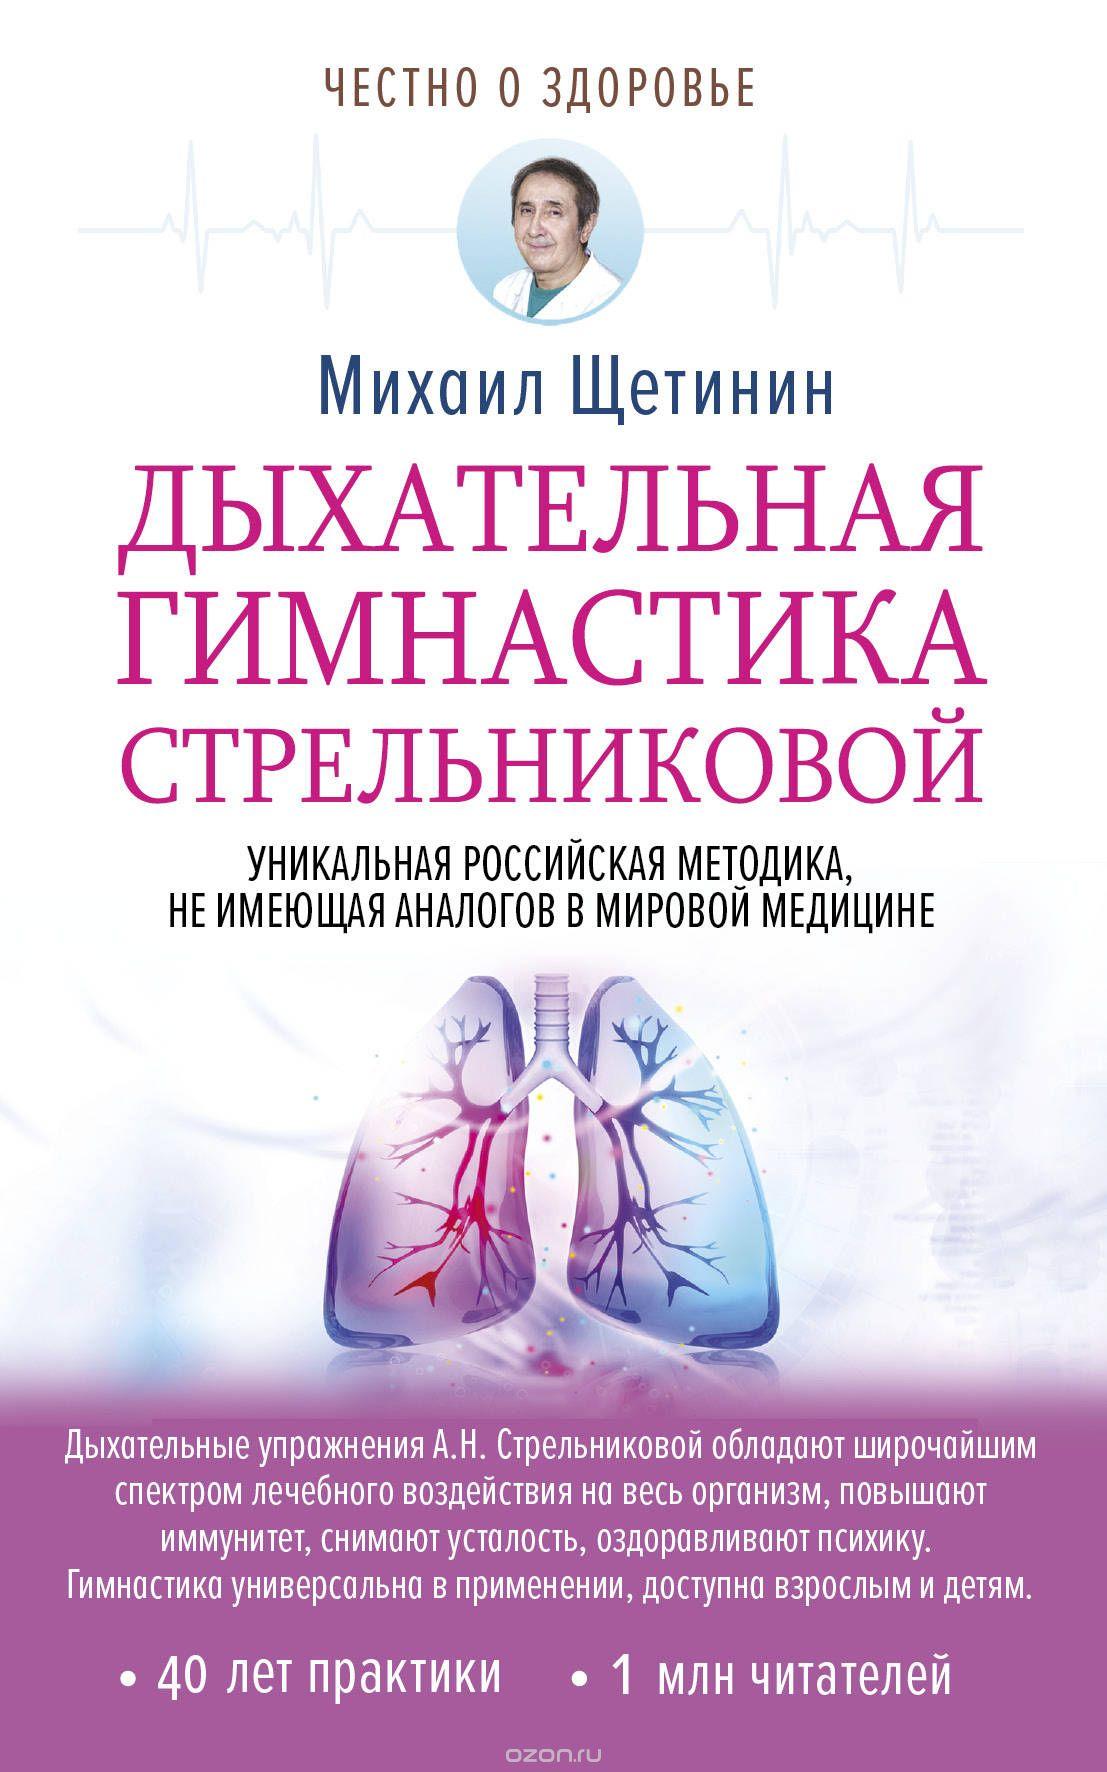 Дыхательная гимнастика для астматиков